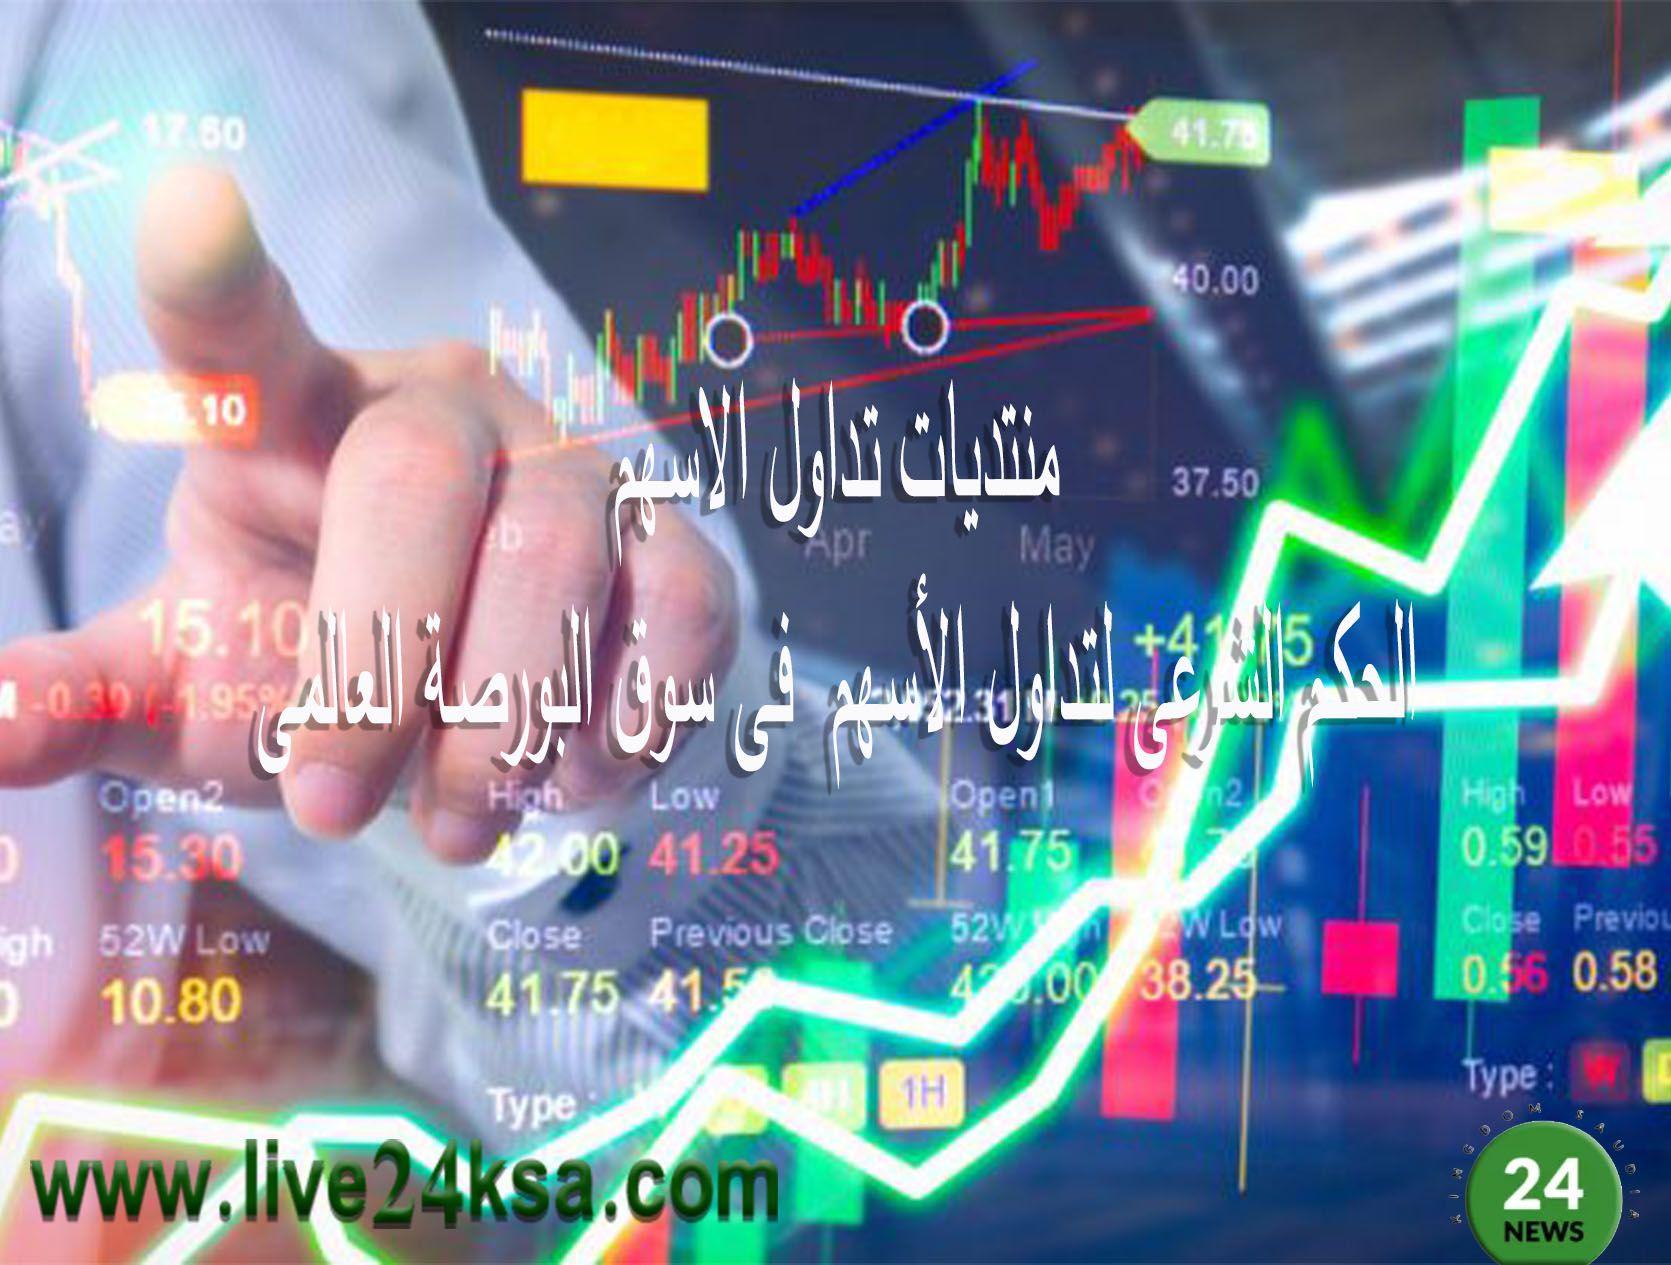 منتديات تداول الاسهم الحكم الشرعى لتداول الأسهم فى سوق البورصة العالمى Blog Posts Blog Trading